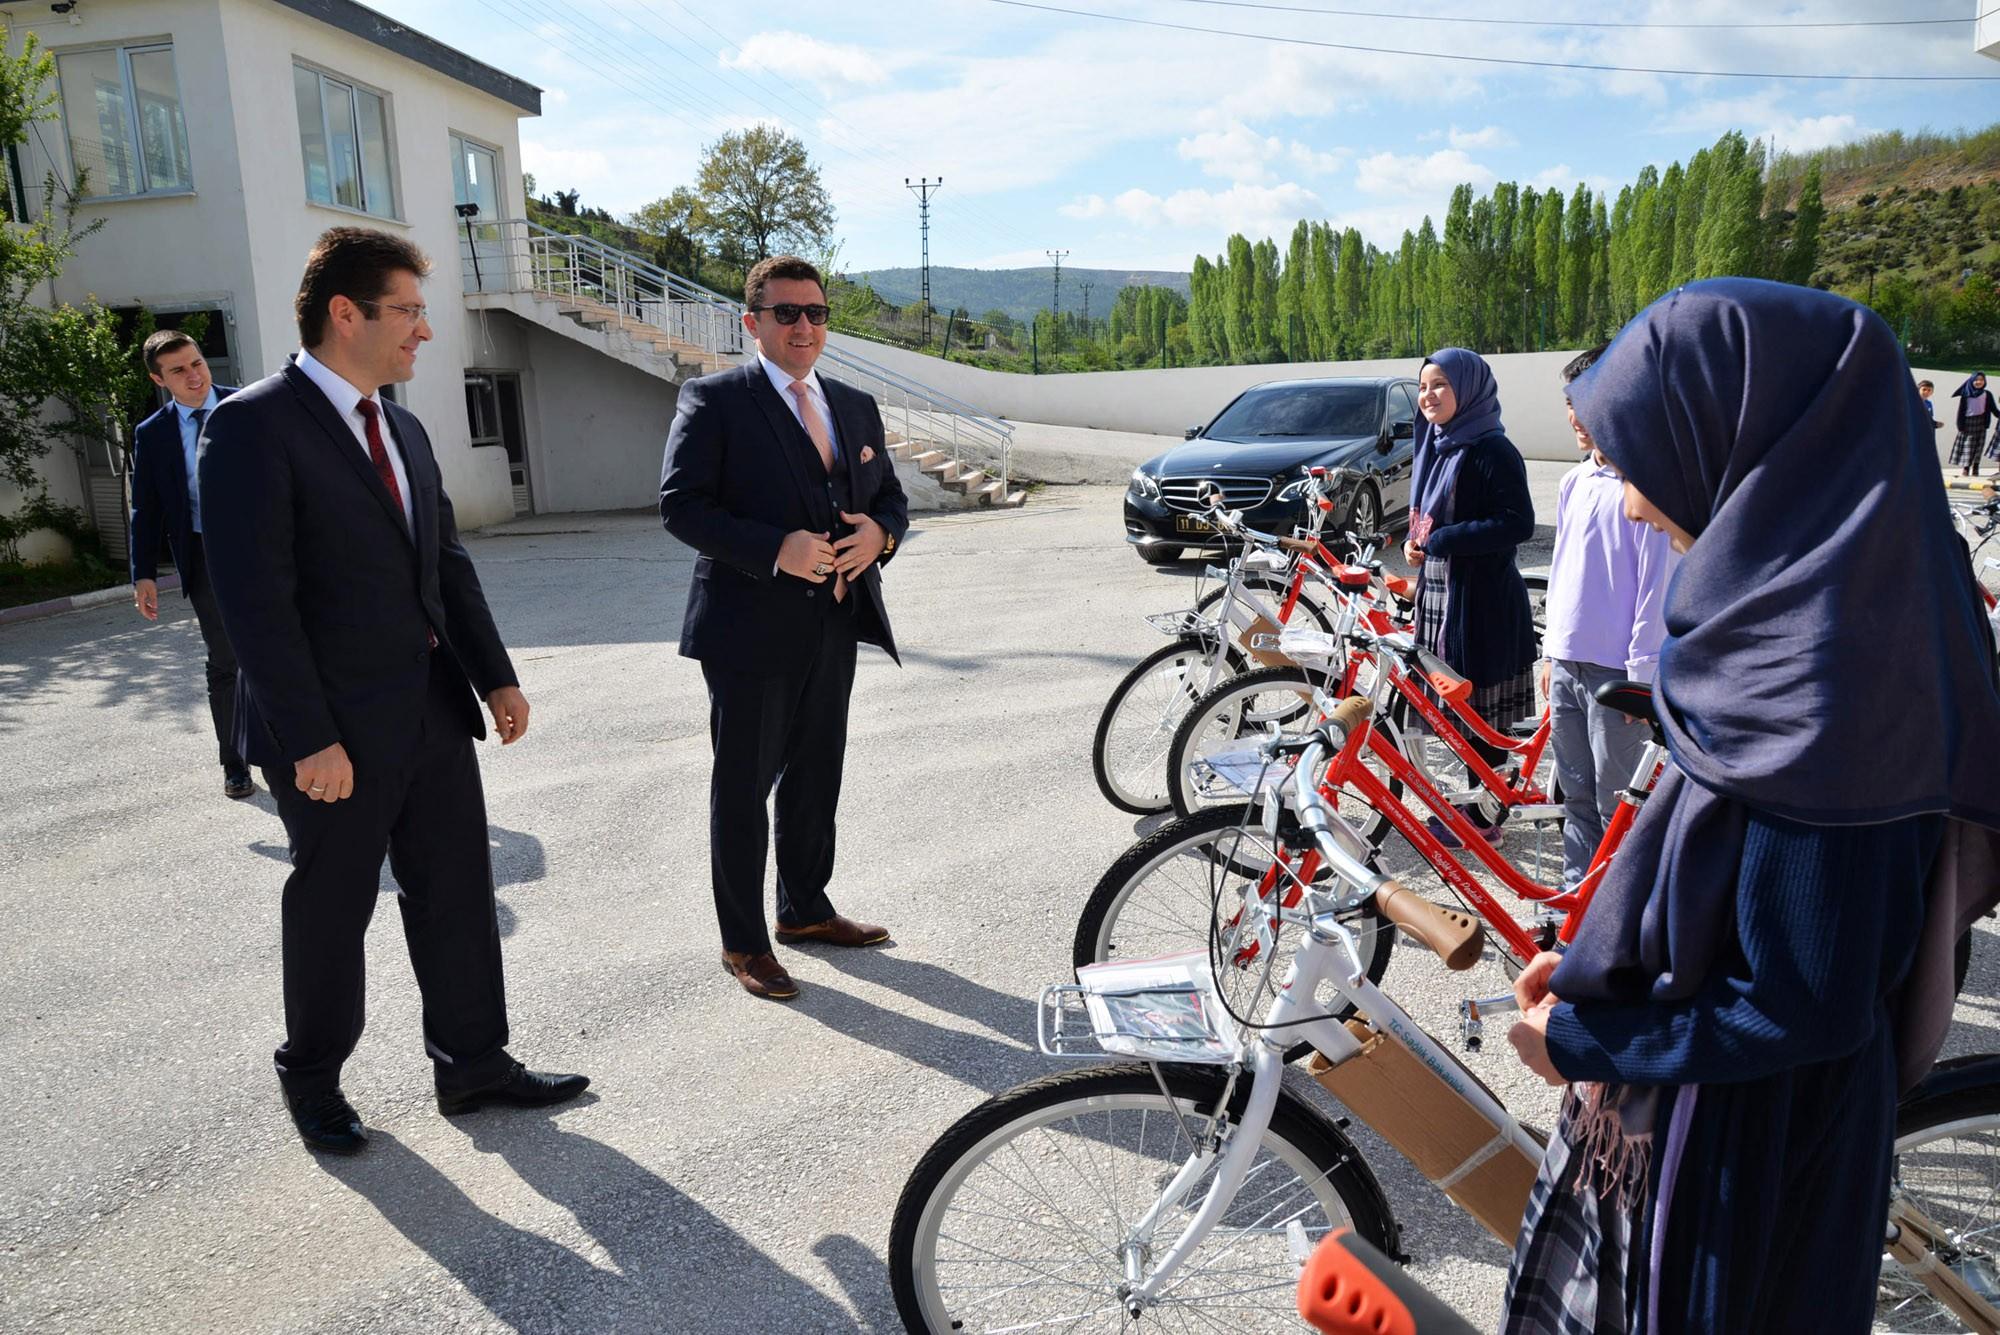 hadis-ezberleme-yarismasinda-dereceye-giren-ogrencilere-bisiklet1.jpg